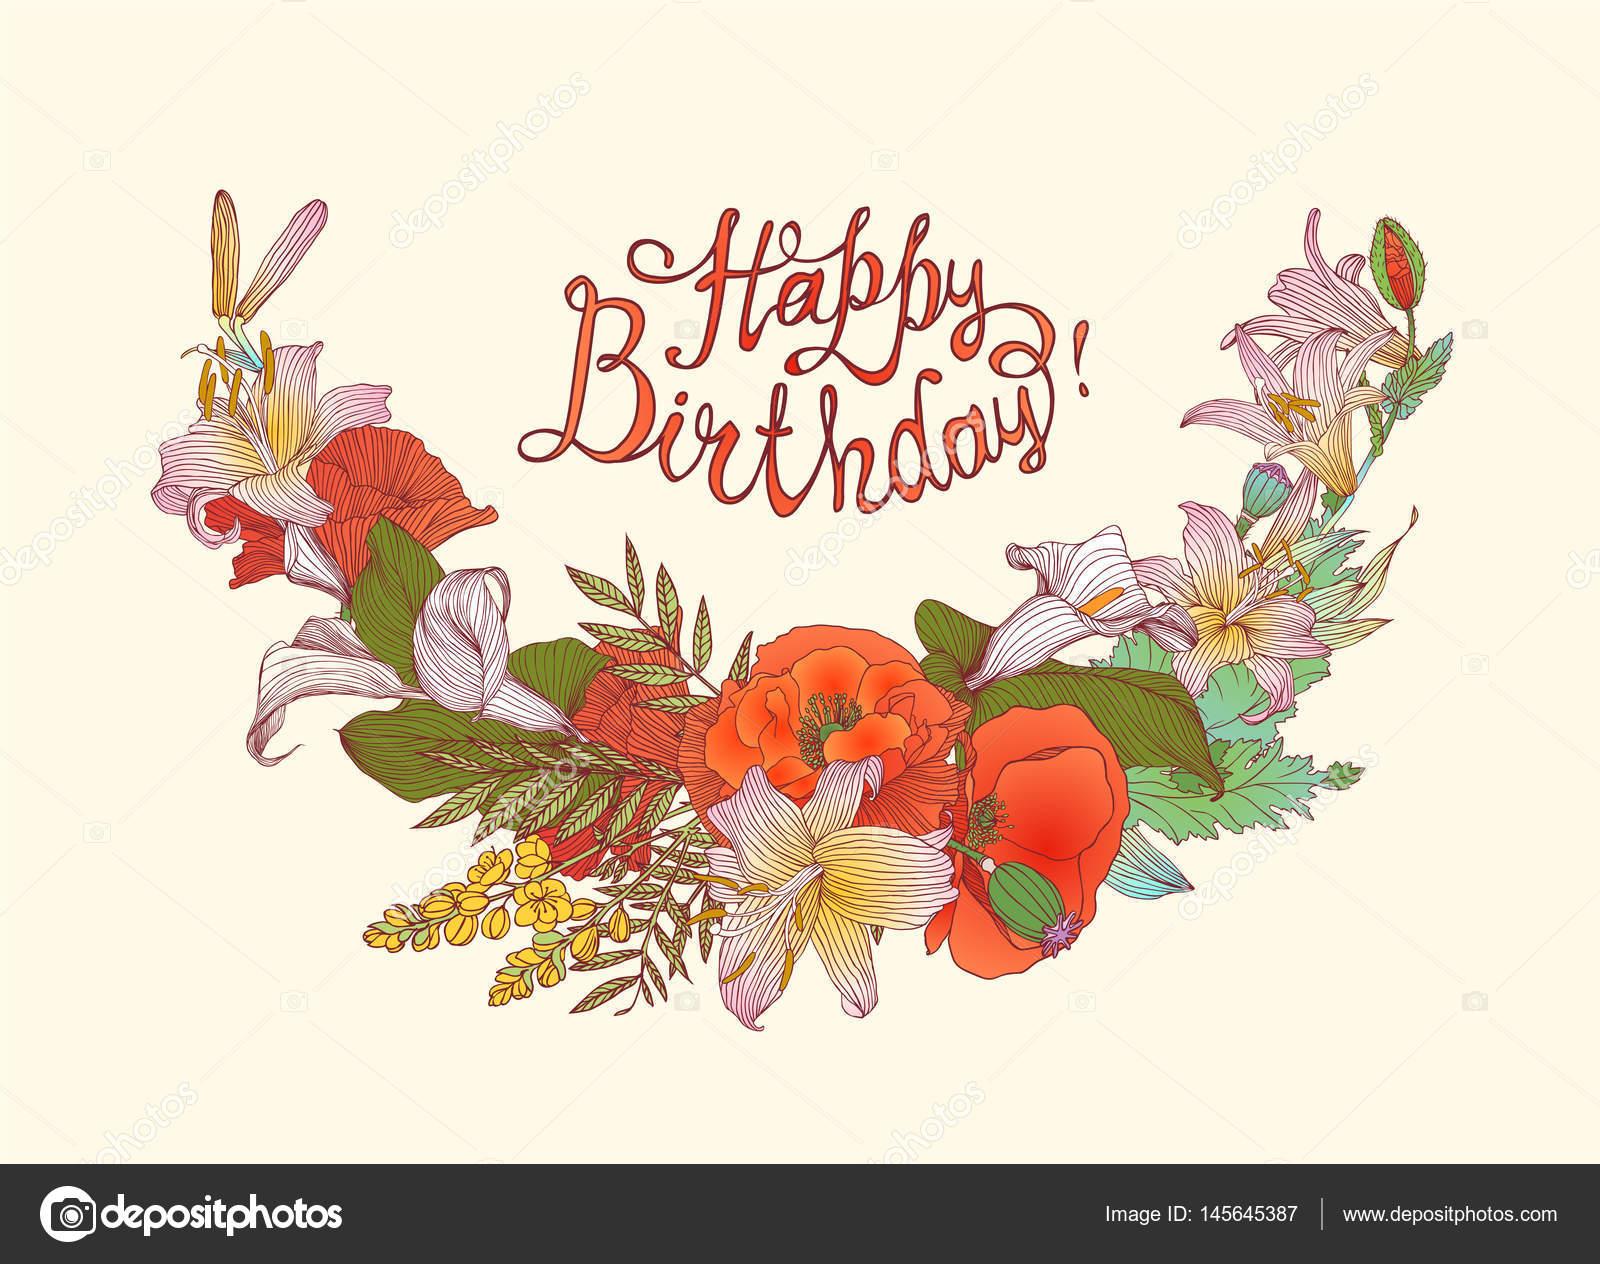 Herzlichen Glückwunsch Zum Geburtstag! Glückwunsch-Karte